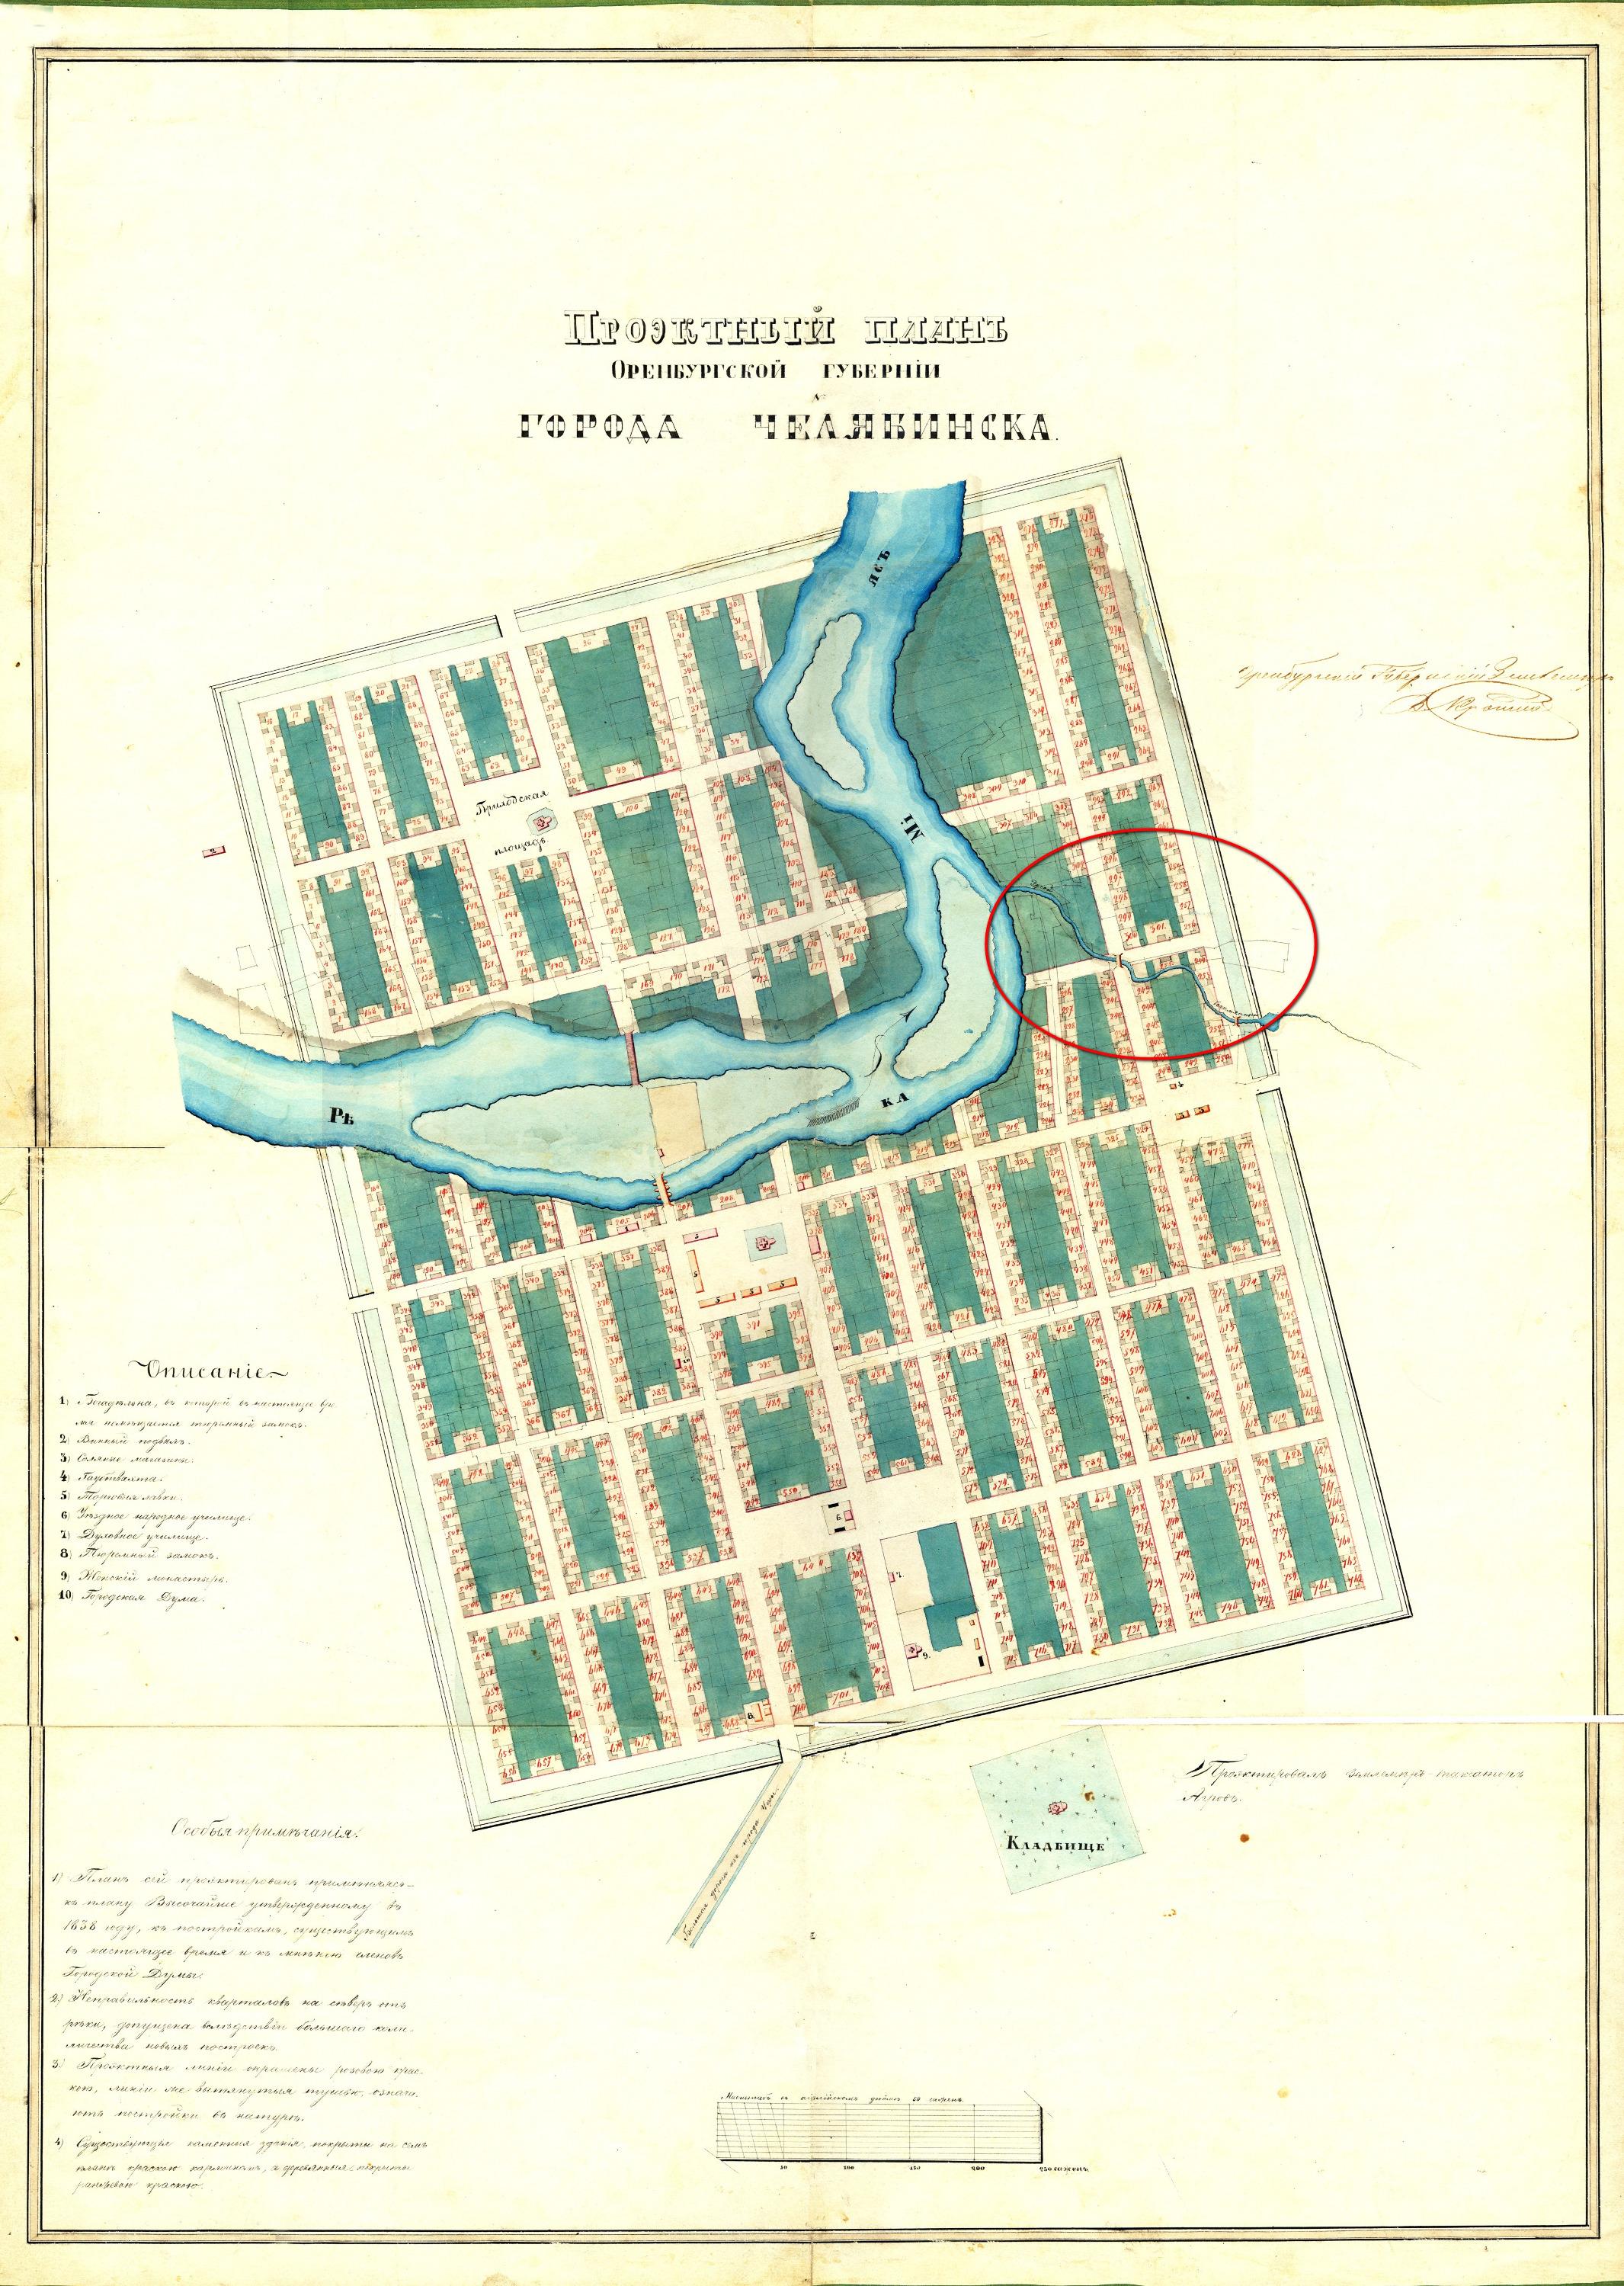 По проекту XIX века Челябинск должны были застраивать «правильными» прямоугольными кварталами, реки тогда были градообразующим фактором